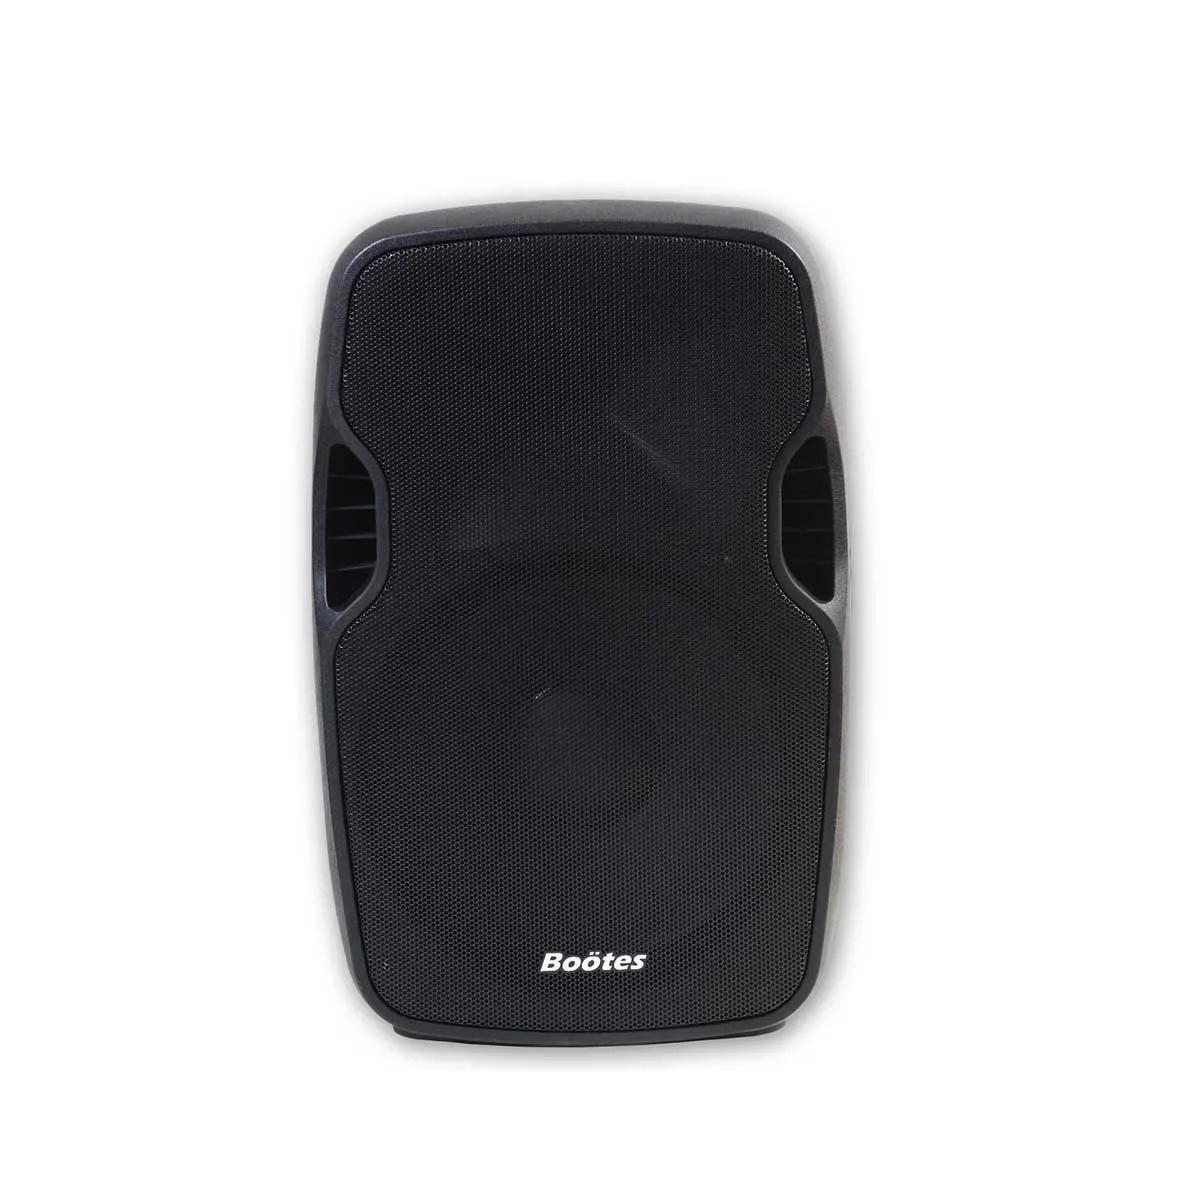 Caixa Acústica Passiva Boötes BPP600 1X15